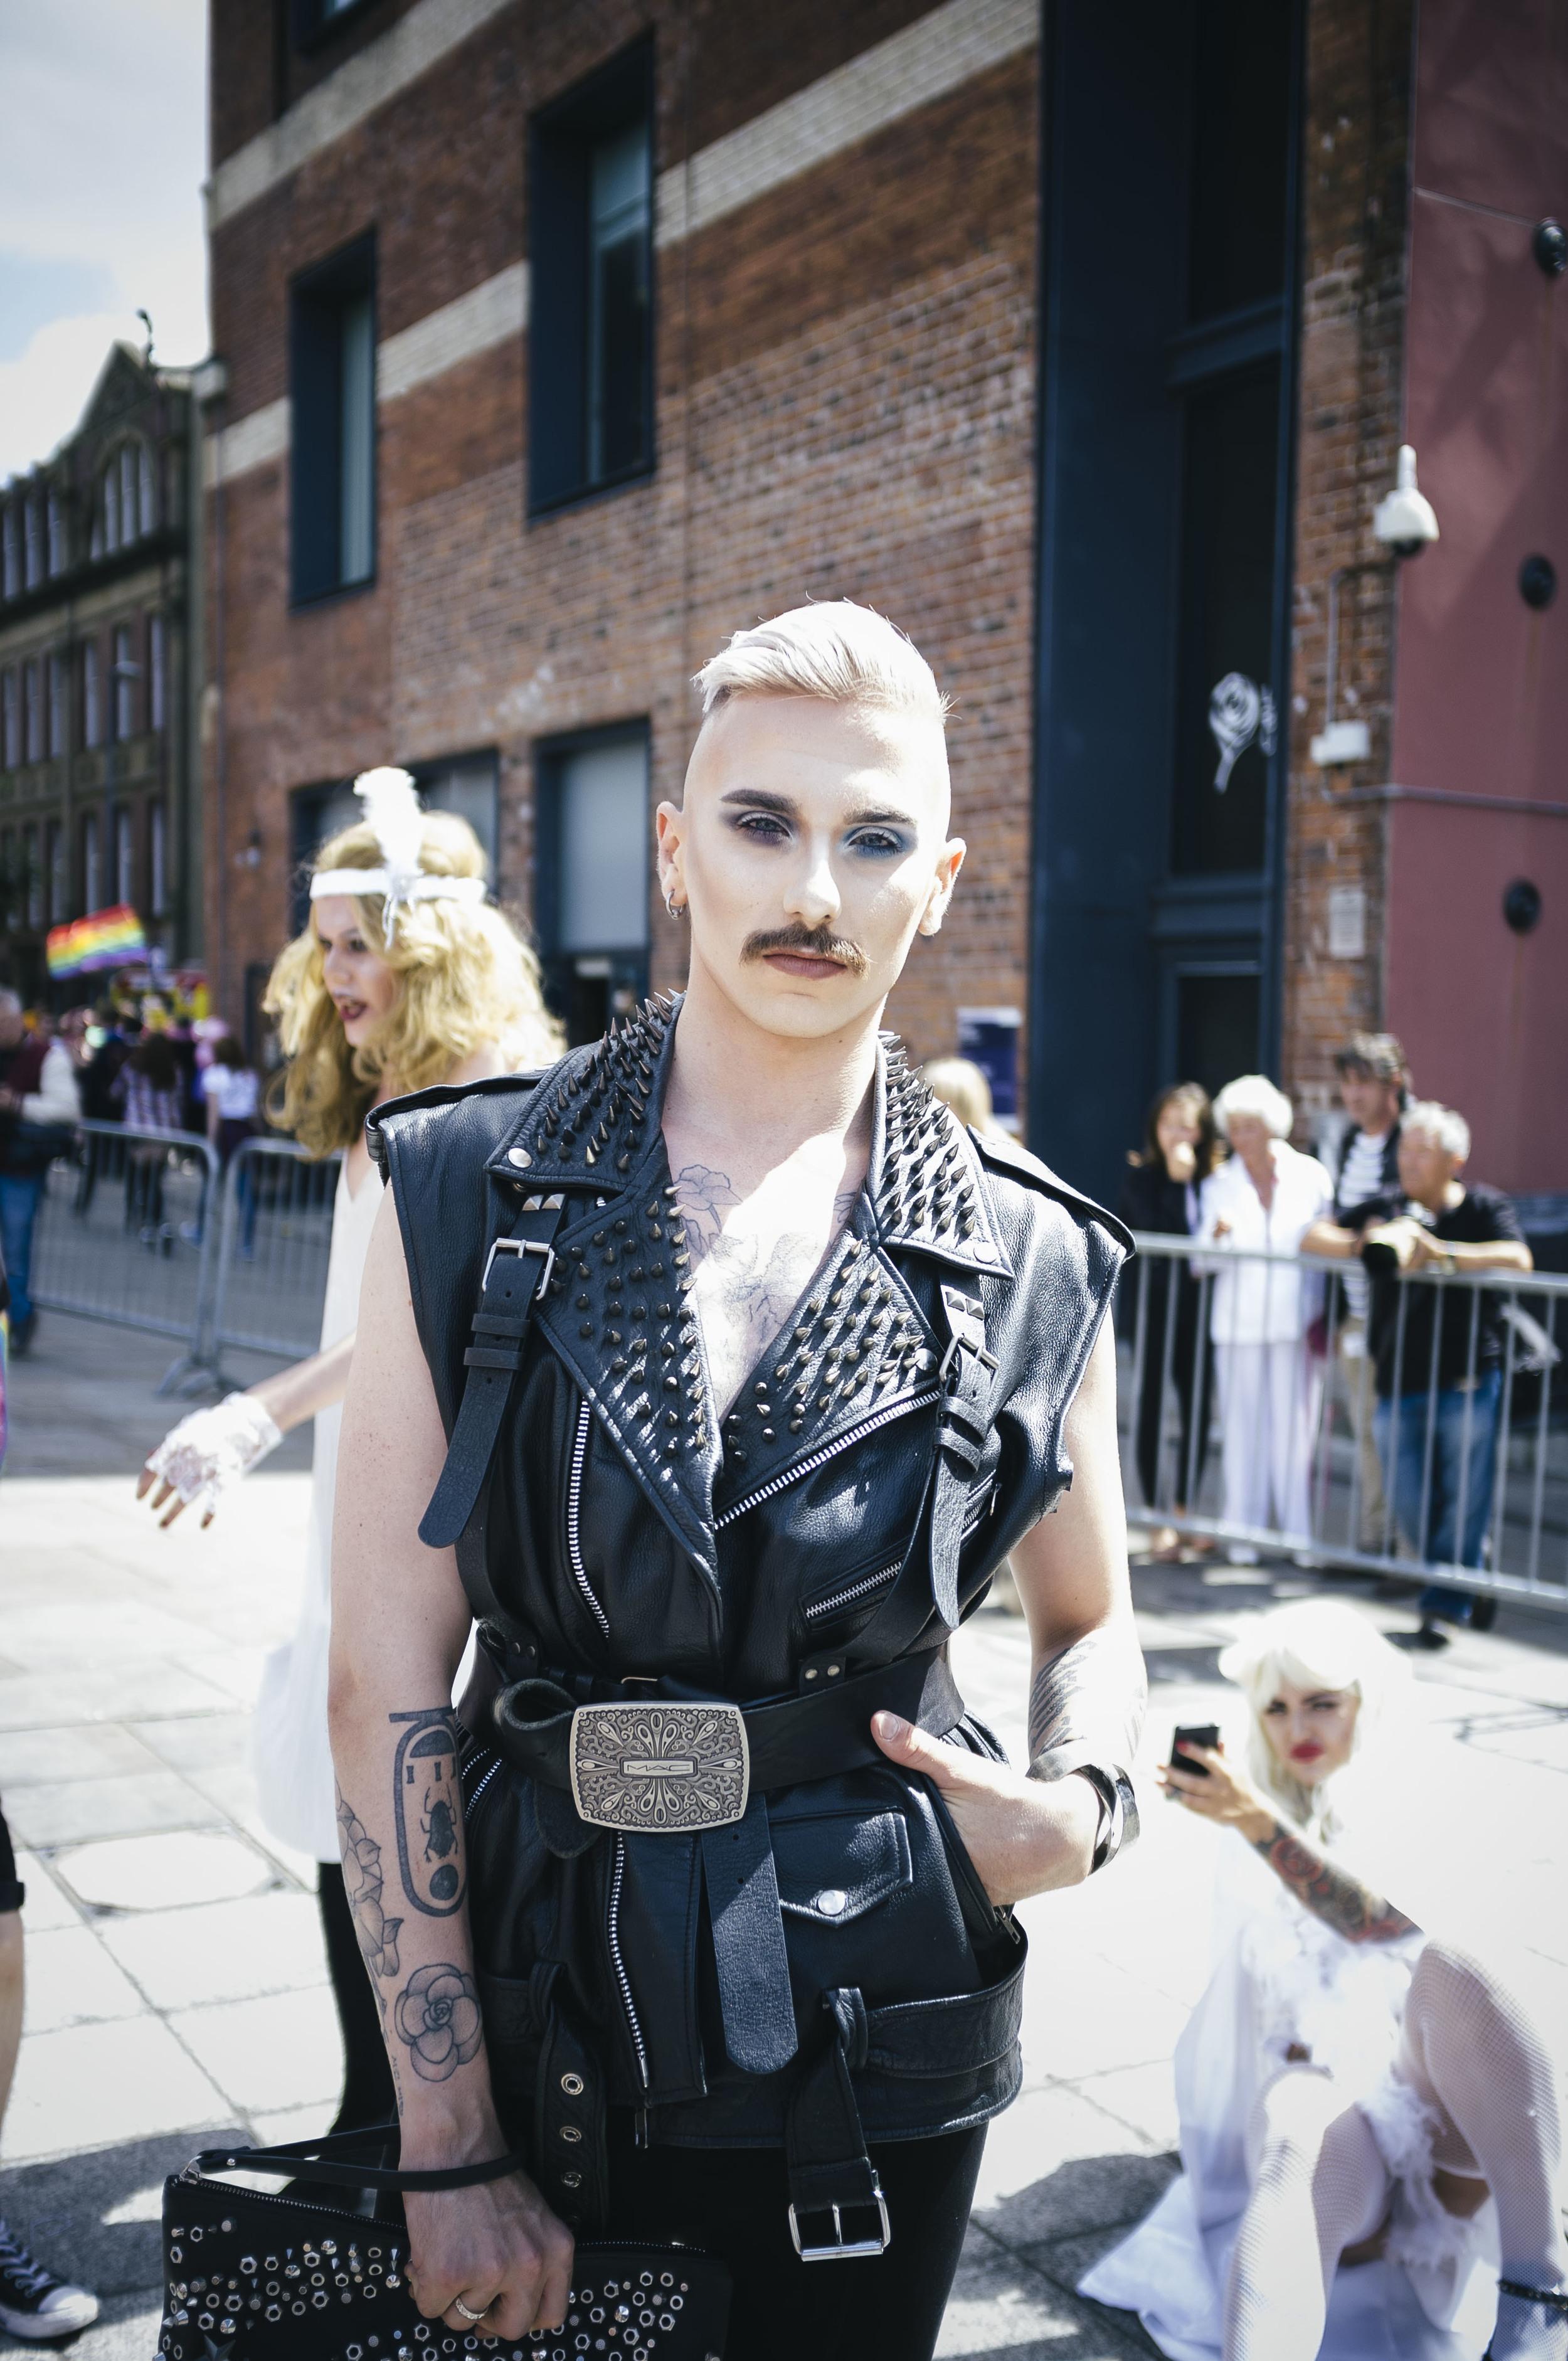 leeds_pride_01.jpg